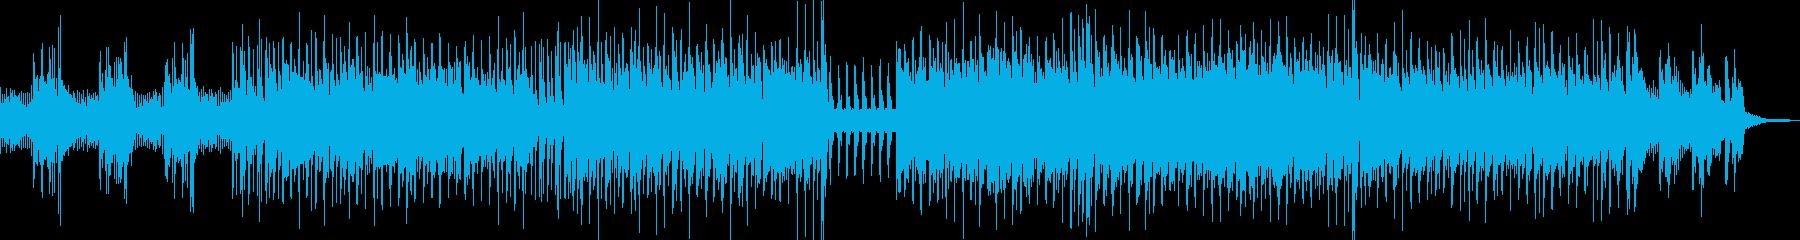 広告音楽。テレビのバックグラウンド...の再生済みの波形